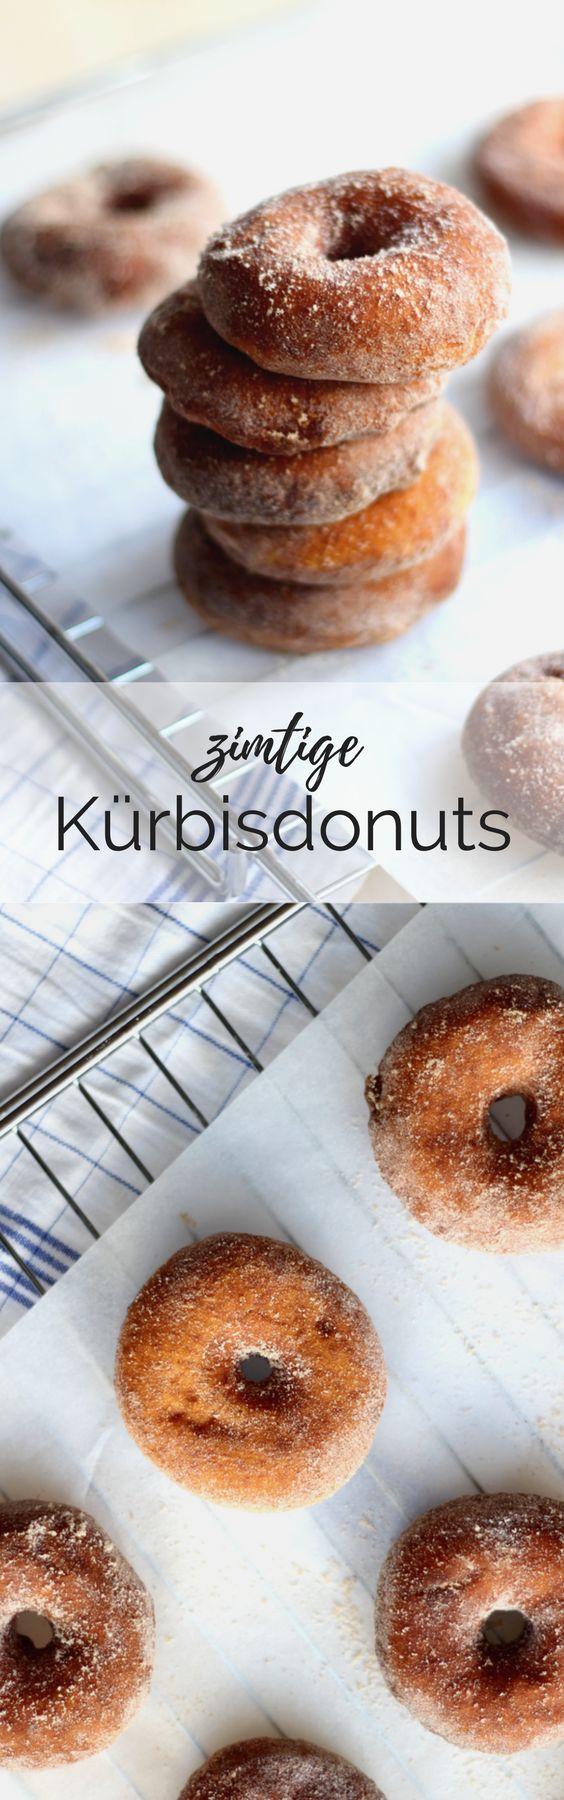 die besten 25 donuts selber machen ideen auf pinterest donuts machen milchshake selber. Black Bedroom Furniture Sets. Home Design Ideas